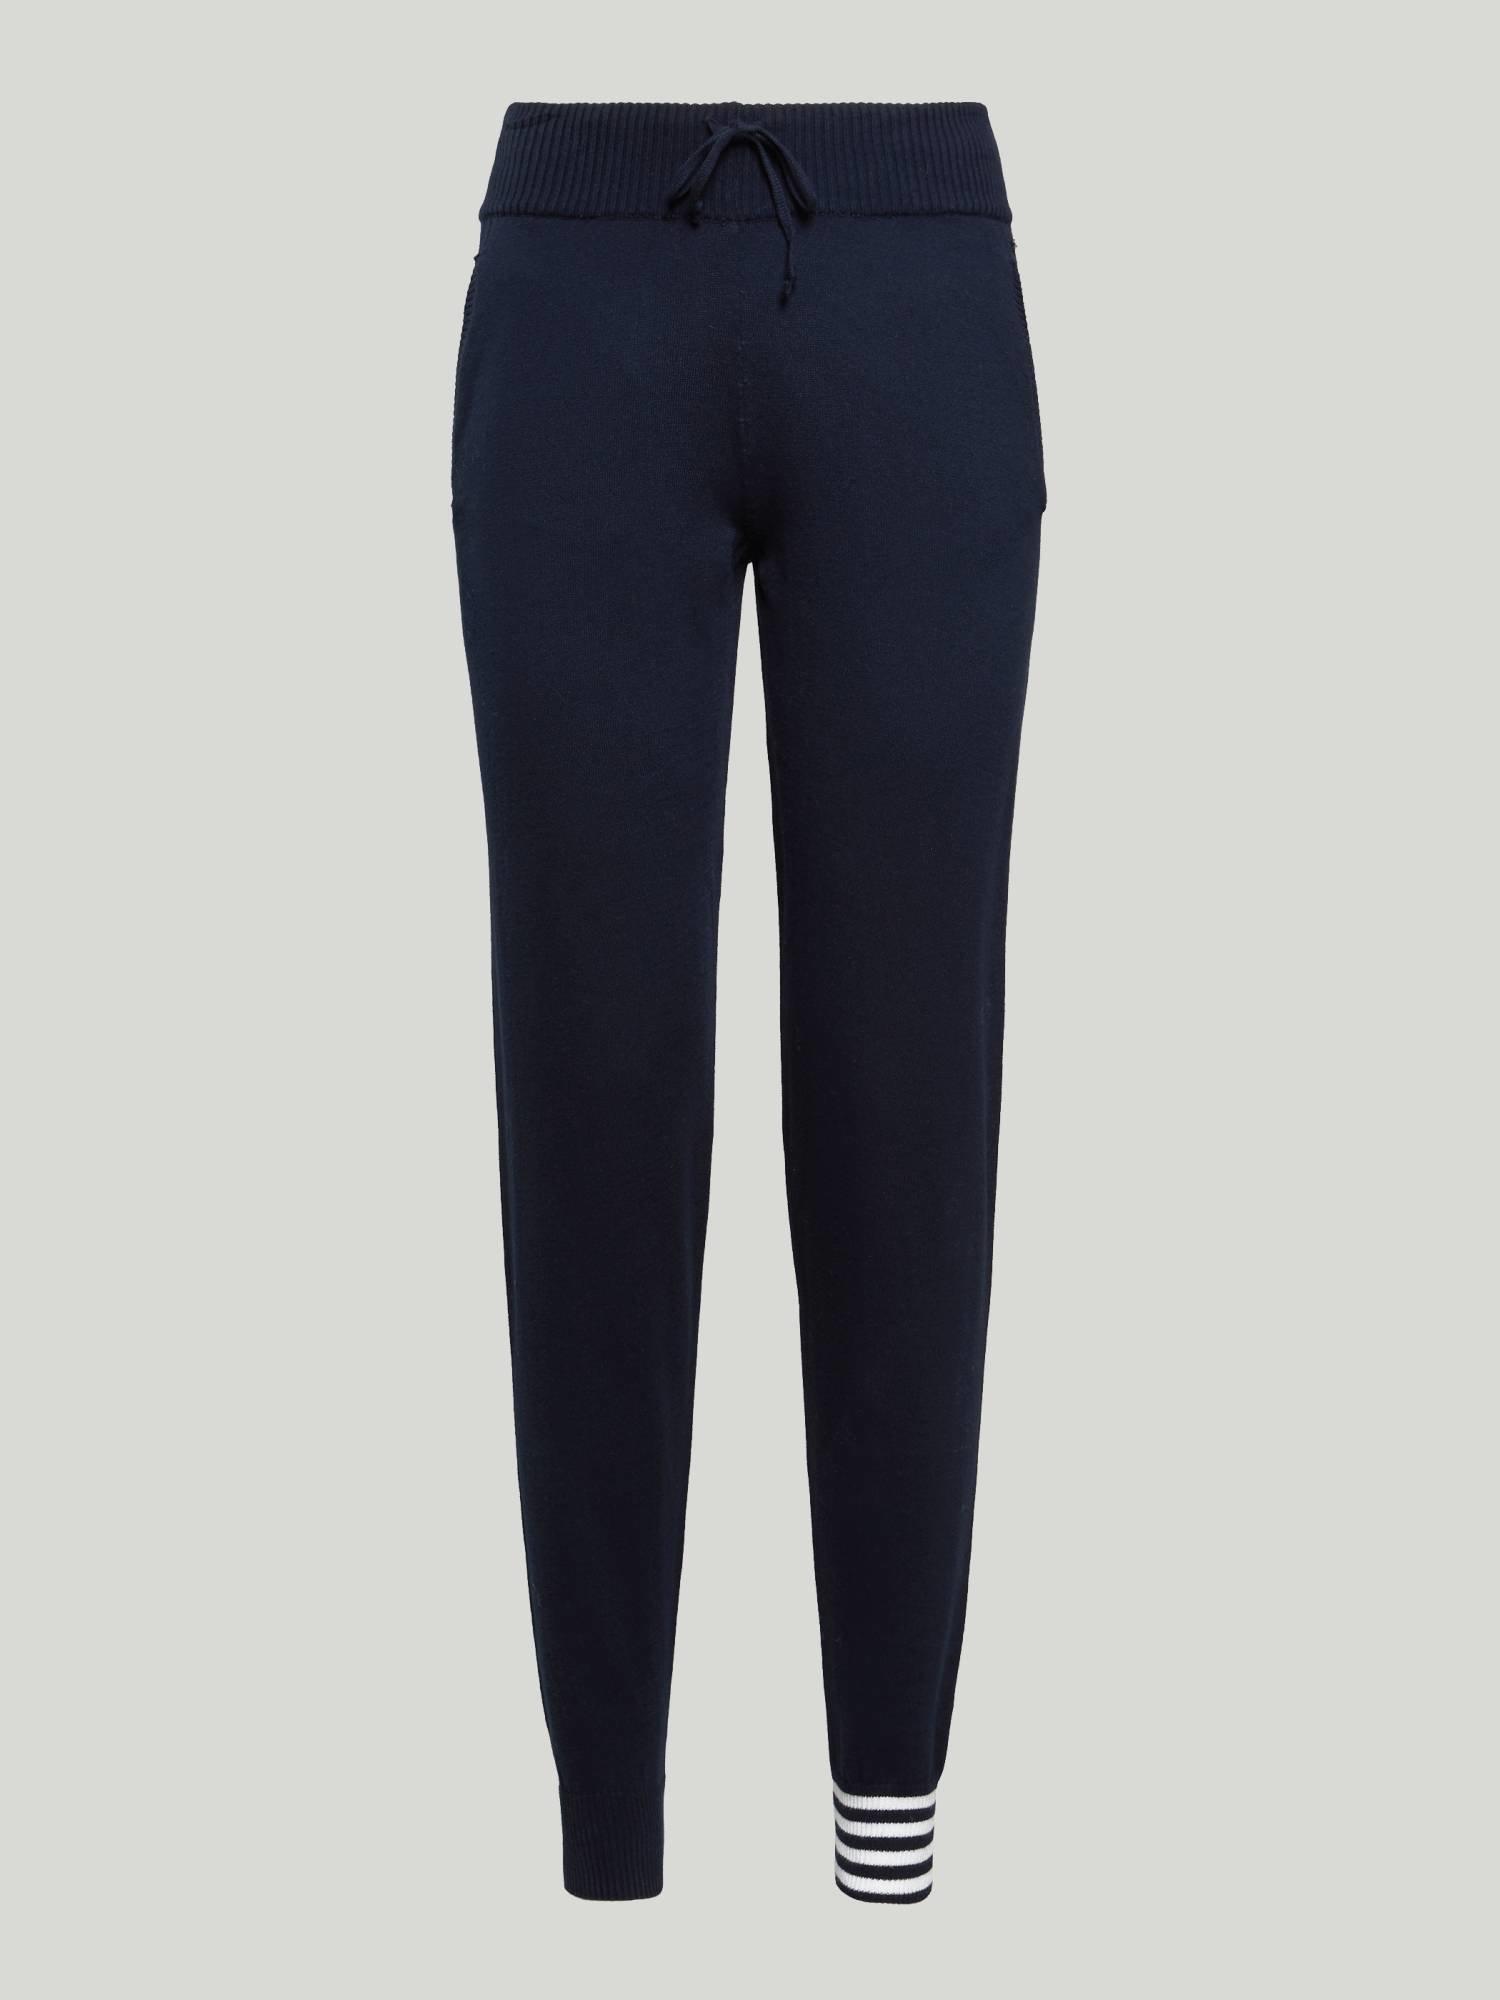 Pants A184 - Marinenblau